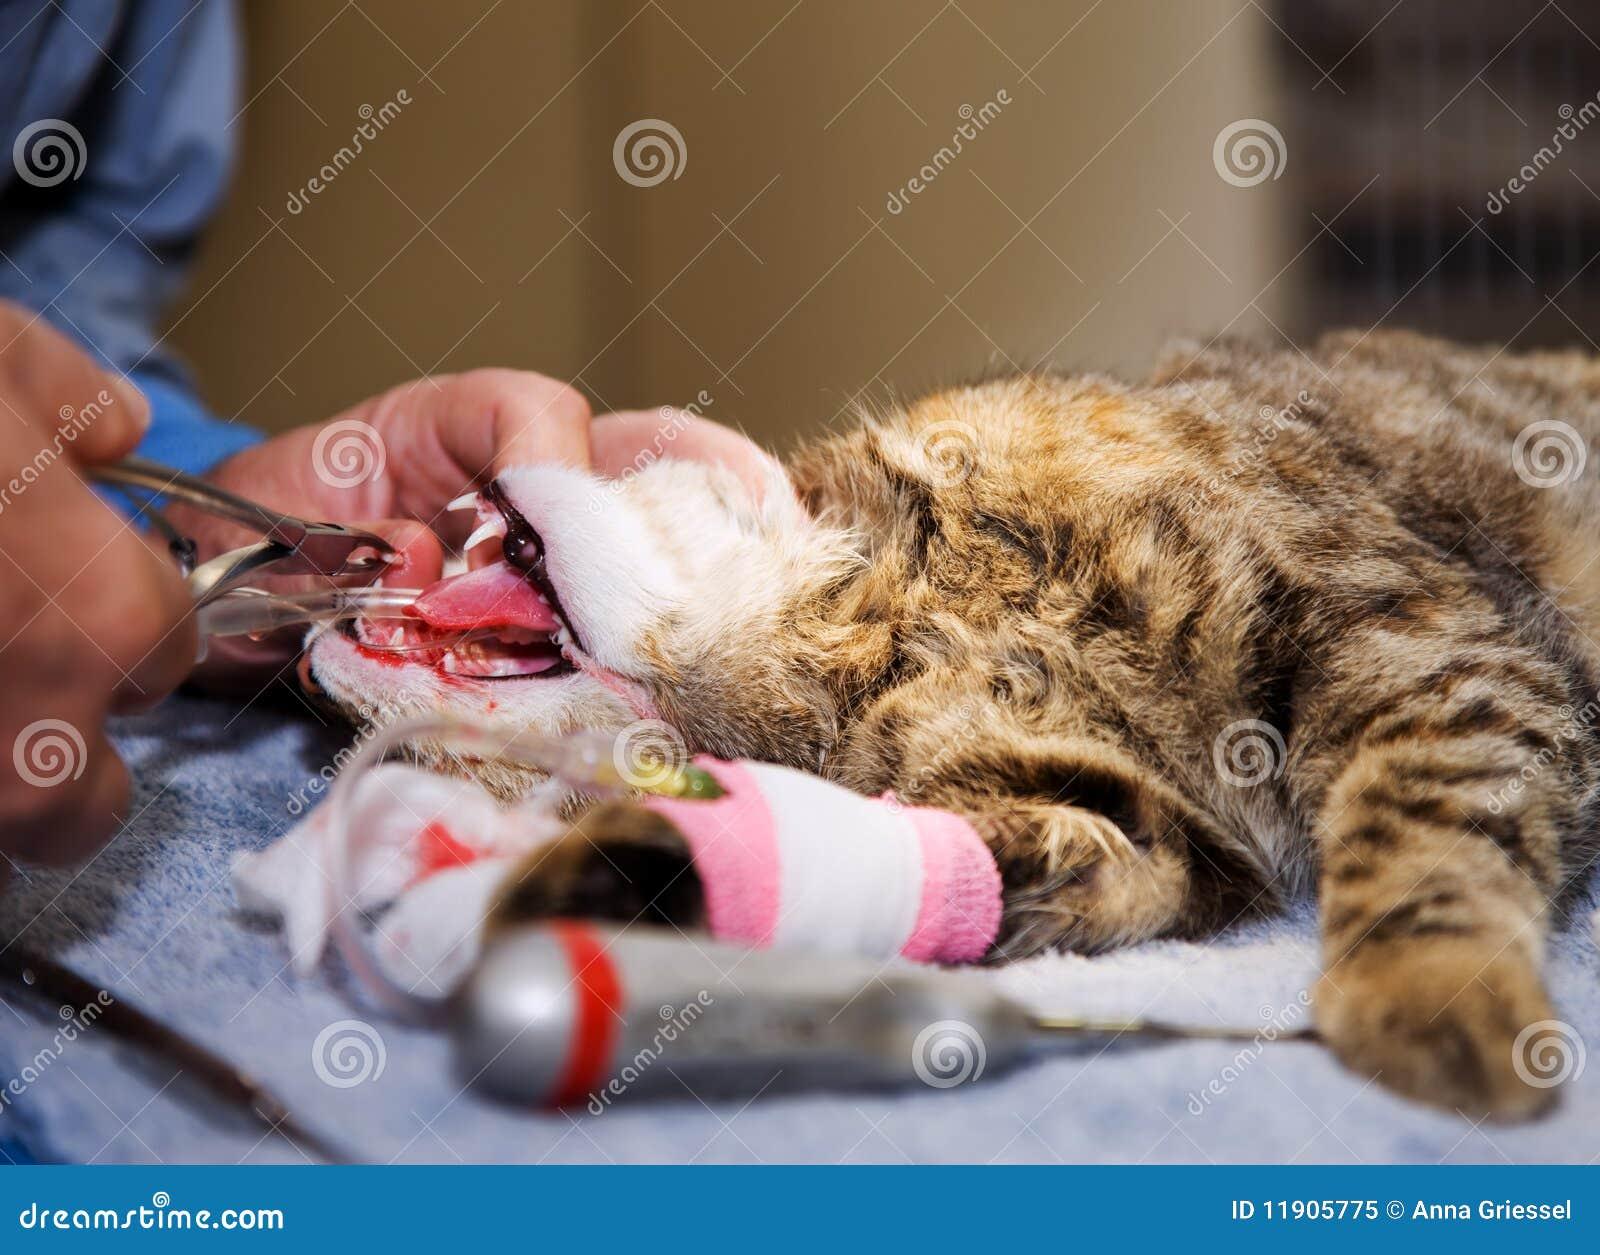 магазинов кот вырвал коготь с мясом что делать для производства разовых